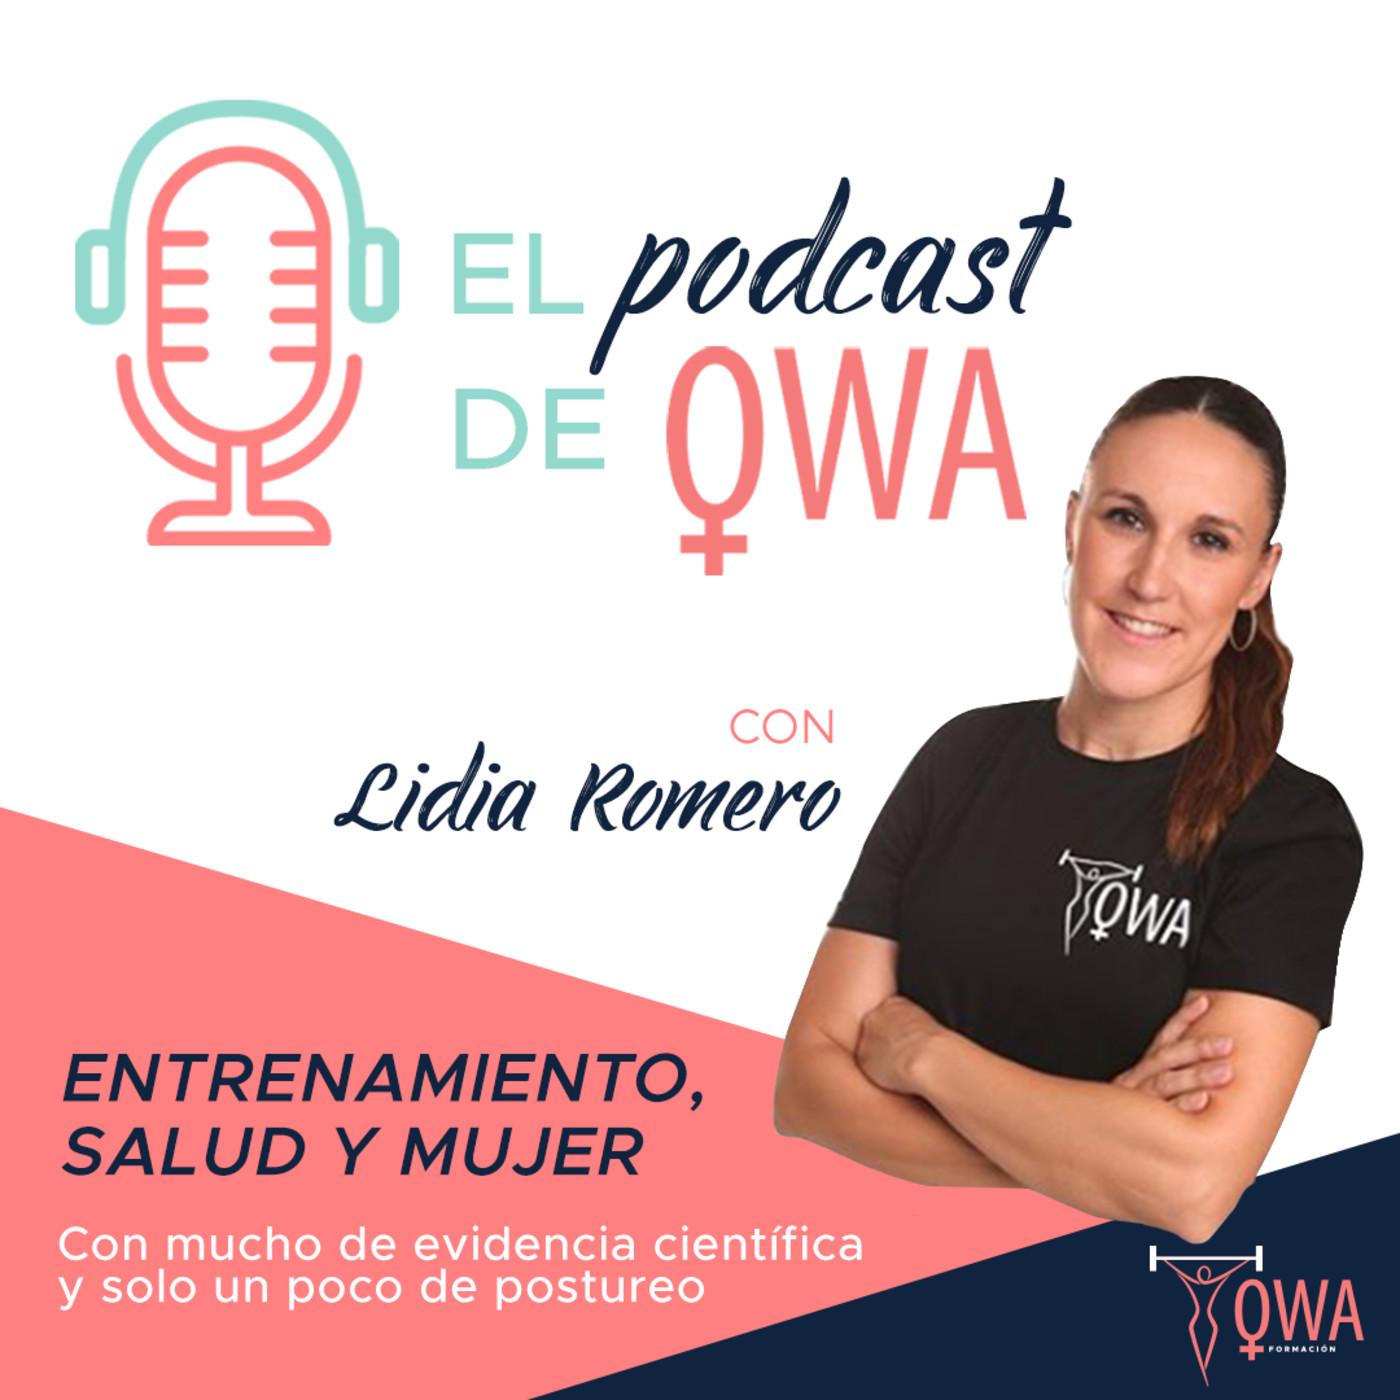 BONUS. Técnica de relajación muscular progresiva para el embarazo por Lidia Romero